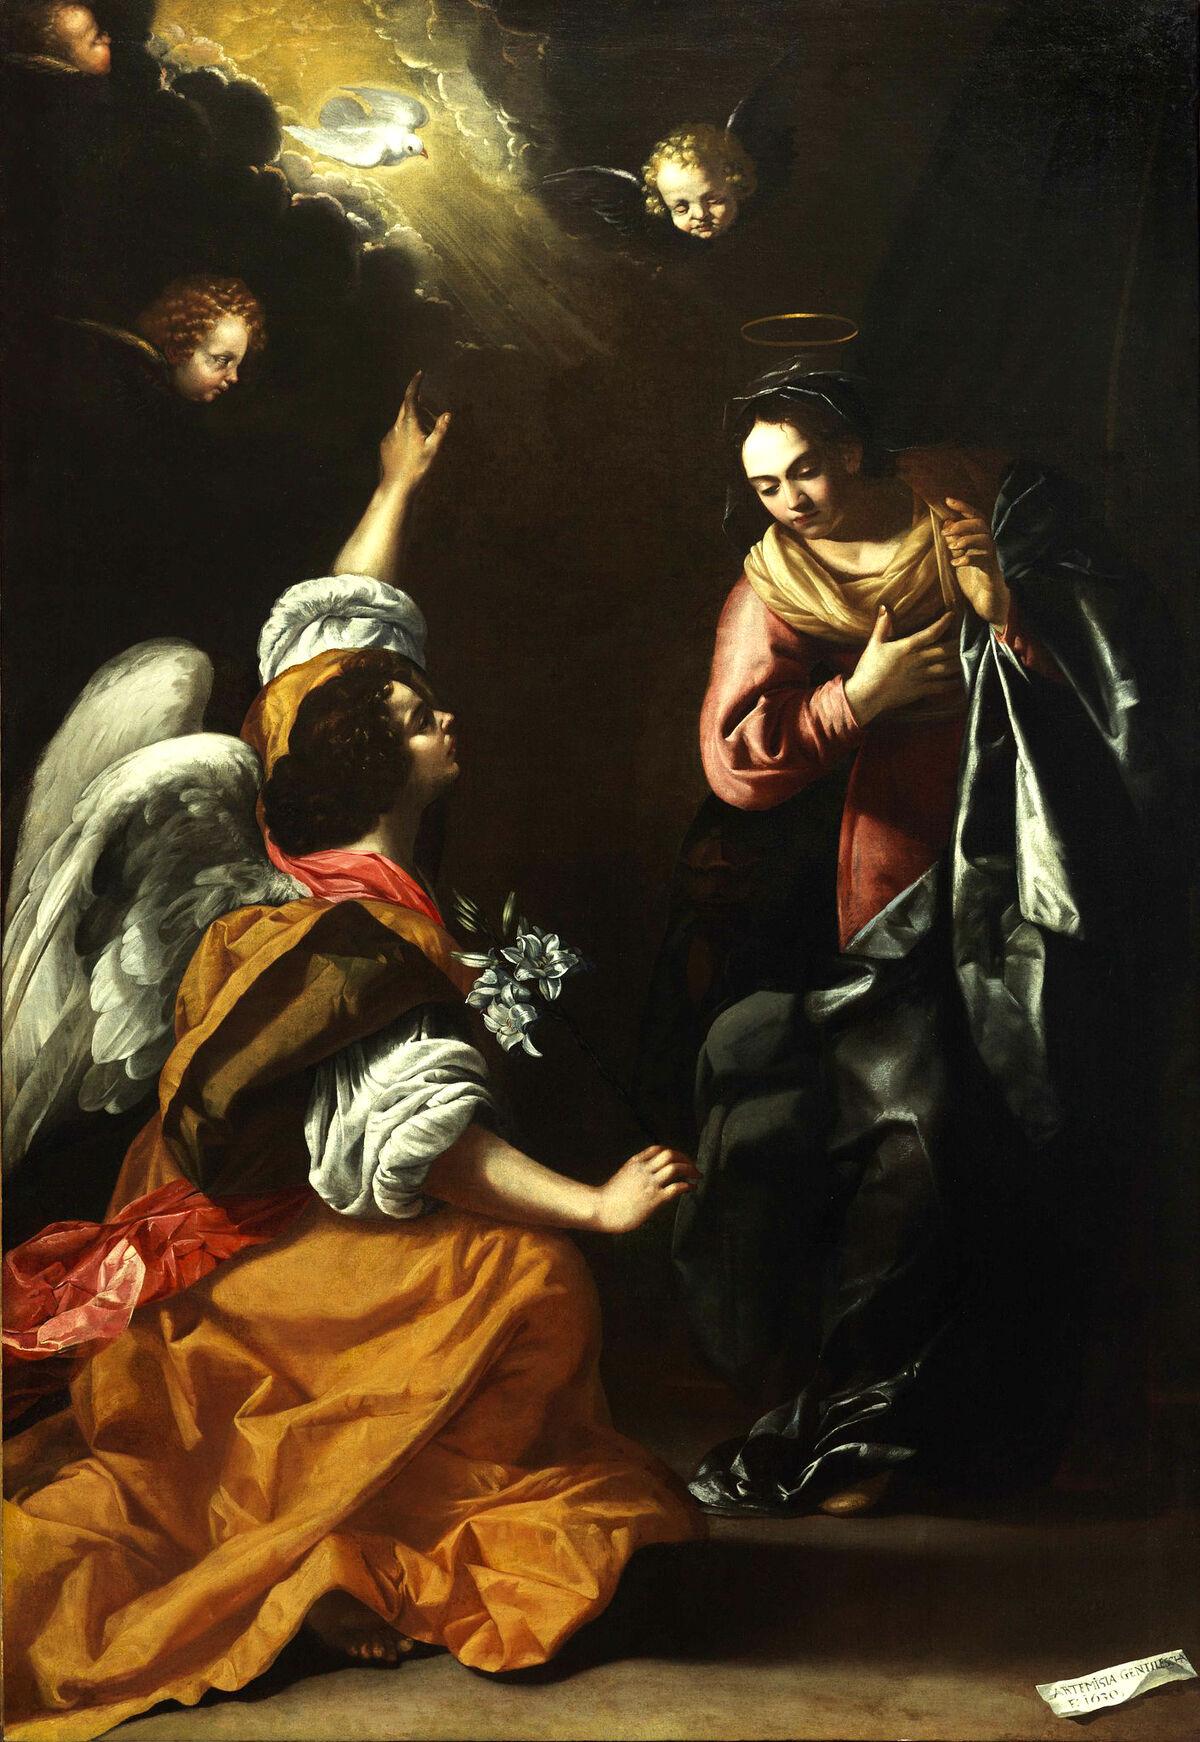 Artemisia Gentileschi, The Annunciation, 1630. Photo via Wikimedia Commons.